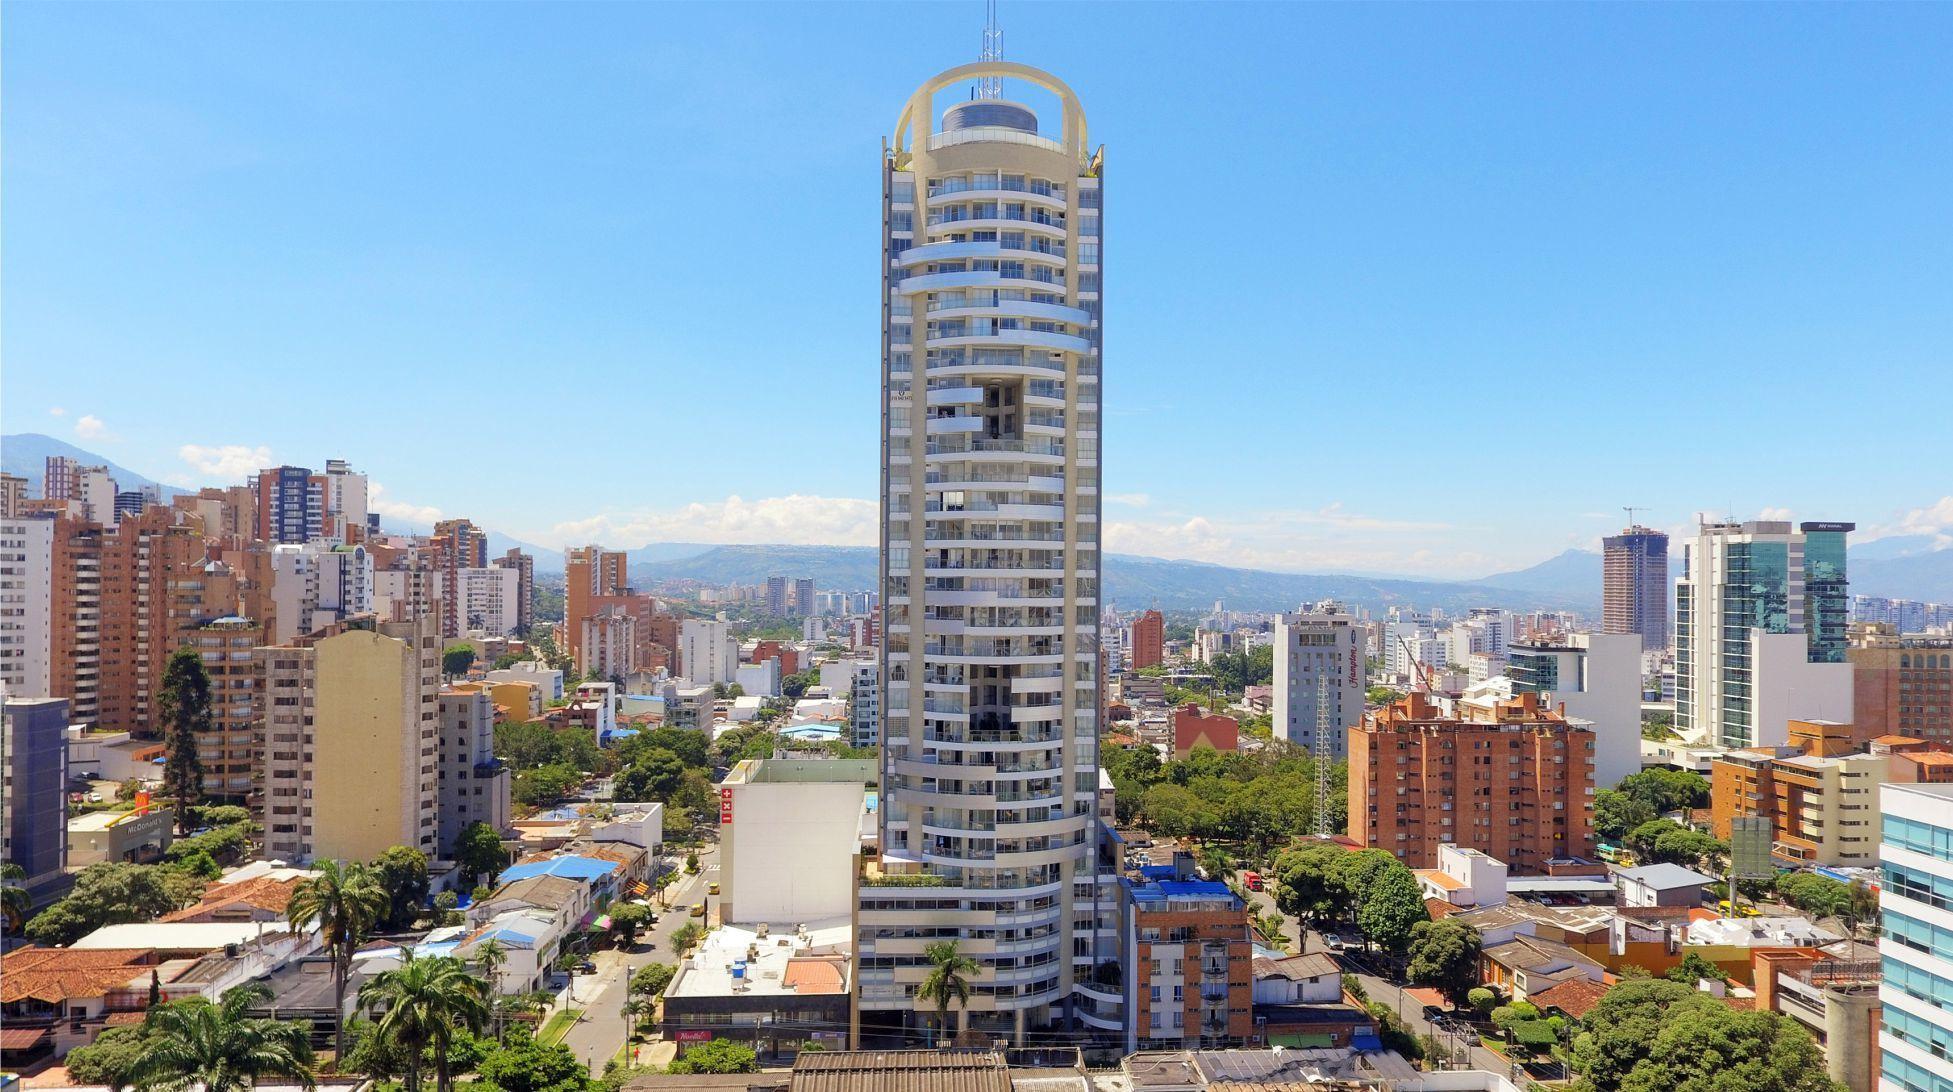 apartamentos en venta, constructoras bucaramanga mardel, venta de nuevos apartamentos mejor vista bucaramanga, bonum de mardel